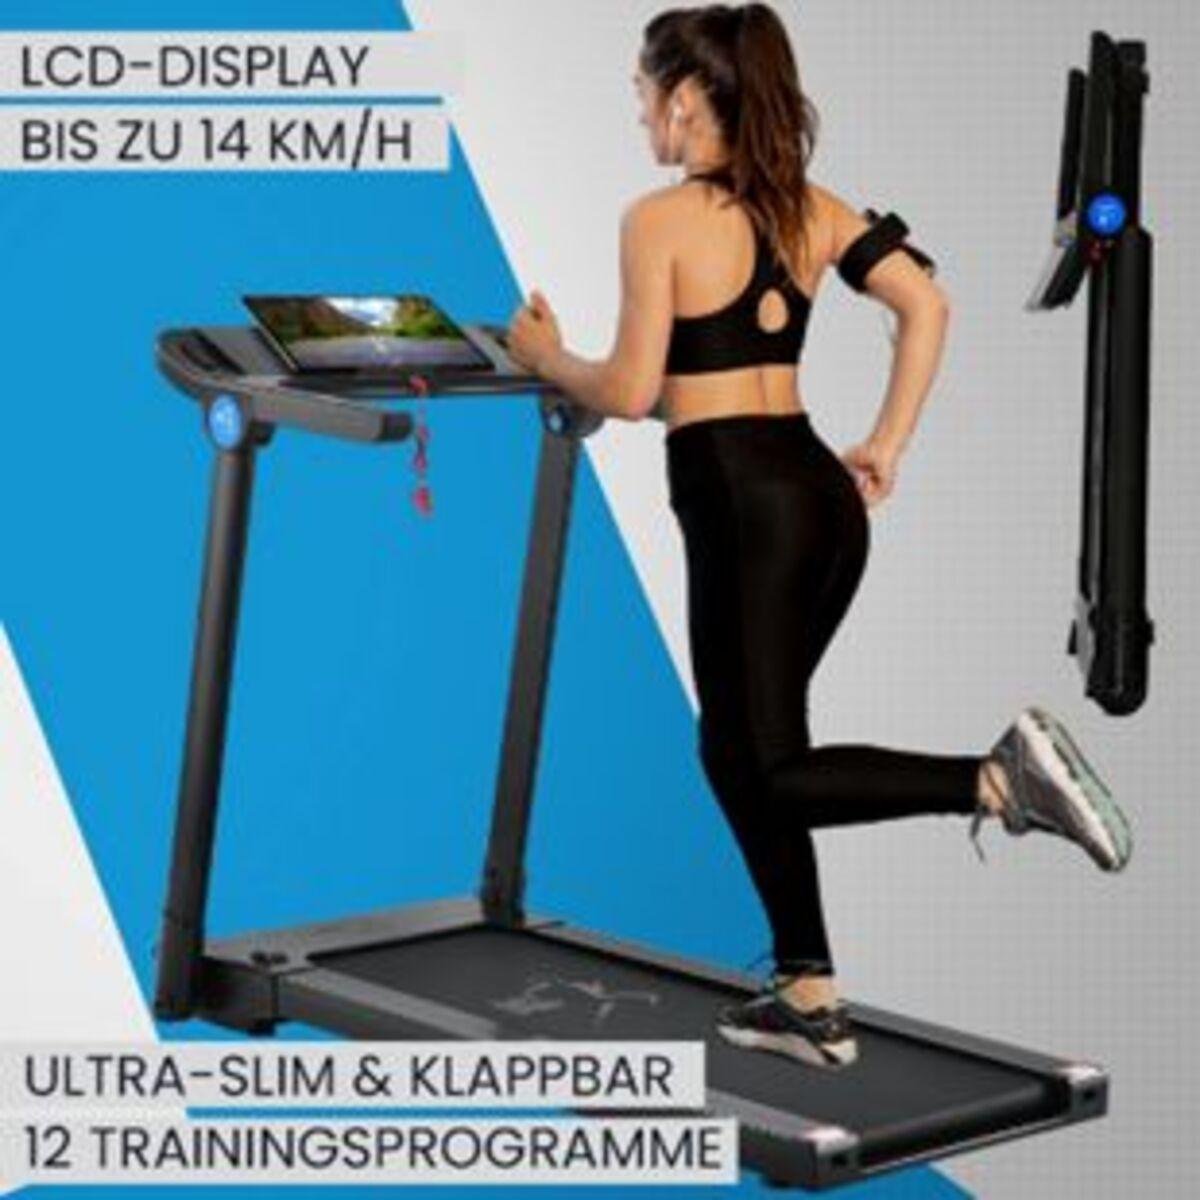 Bild 2 von ArtSport Ultra Slim Laufband SR1418 klappbar - große Lauffläche 120x44 cm - 14 km / h - 12 Programme